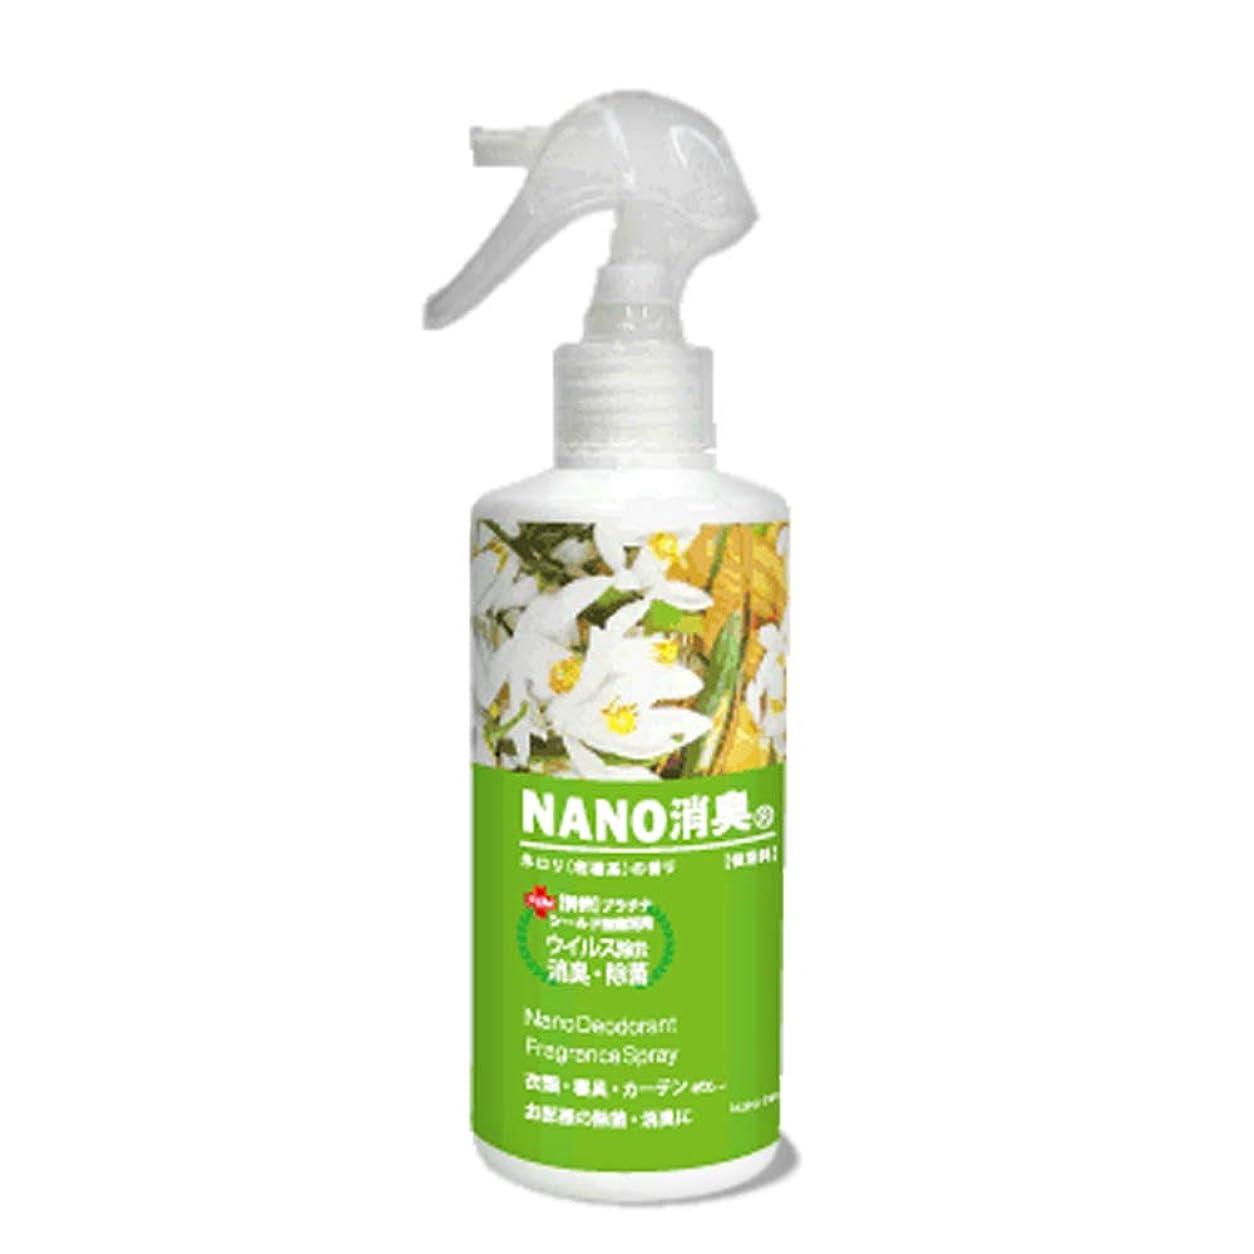 挑むゴルフフィドルNANO消臭 スプレー マスク スプレー トイレ 消臭剤 芳香剤 (ネロリ)